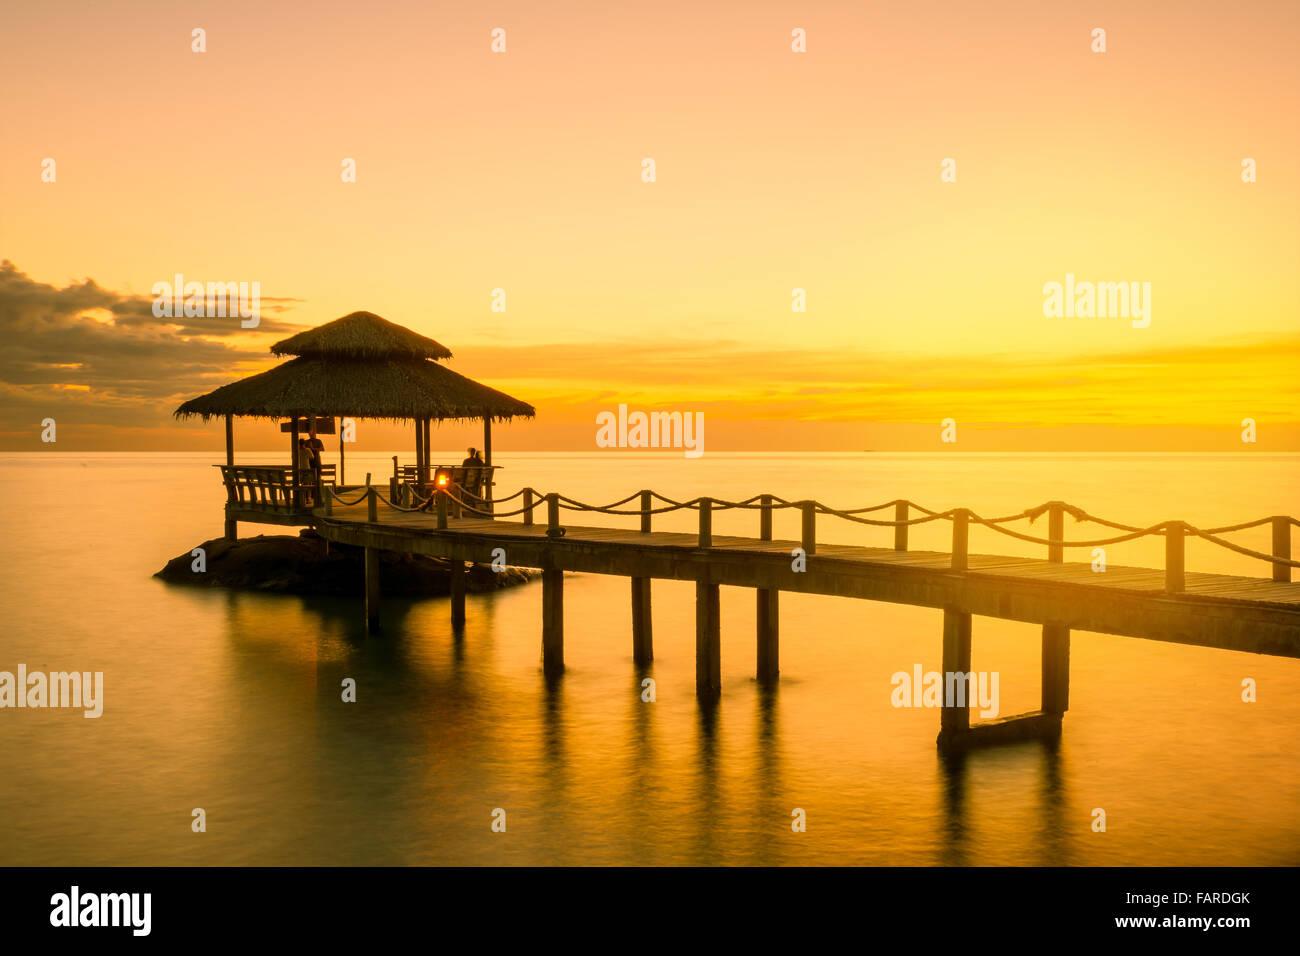 Verano, Viajes, vacaciones y días festivos el concepto - muelle de madera en Phuket, Tailandia Imagen De Stock